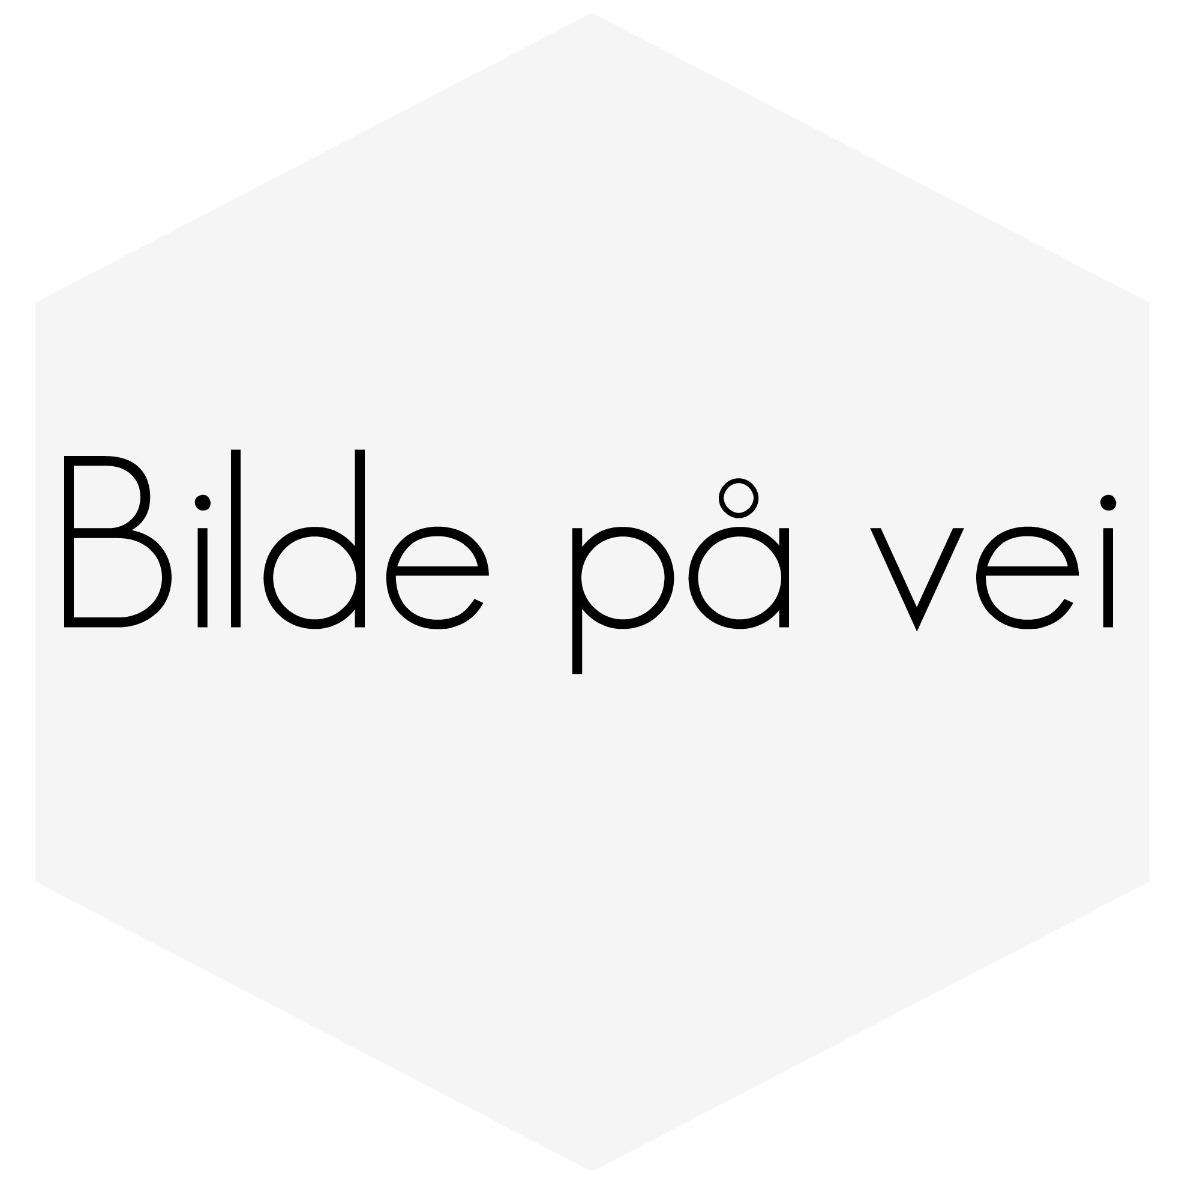 ENDELEDD/YTRE STYRESTAG V70N-2001-04 274176  HØYRE